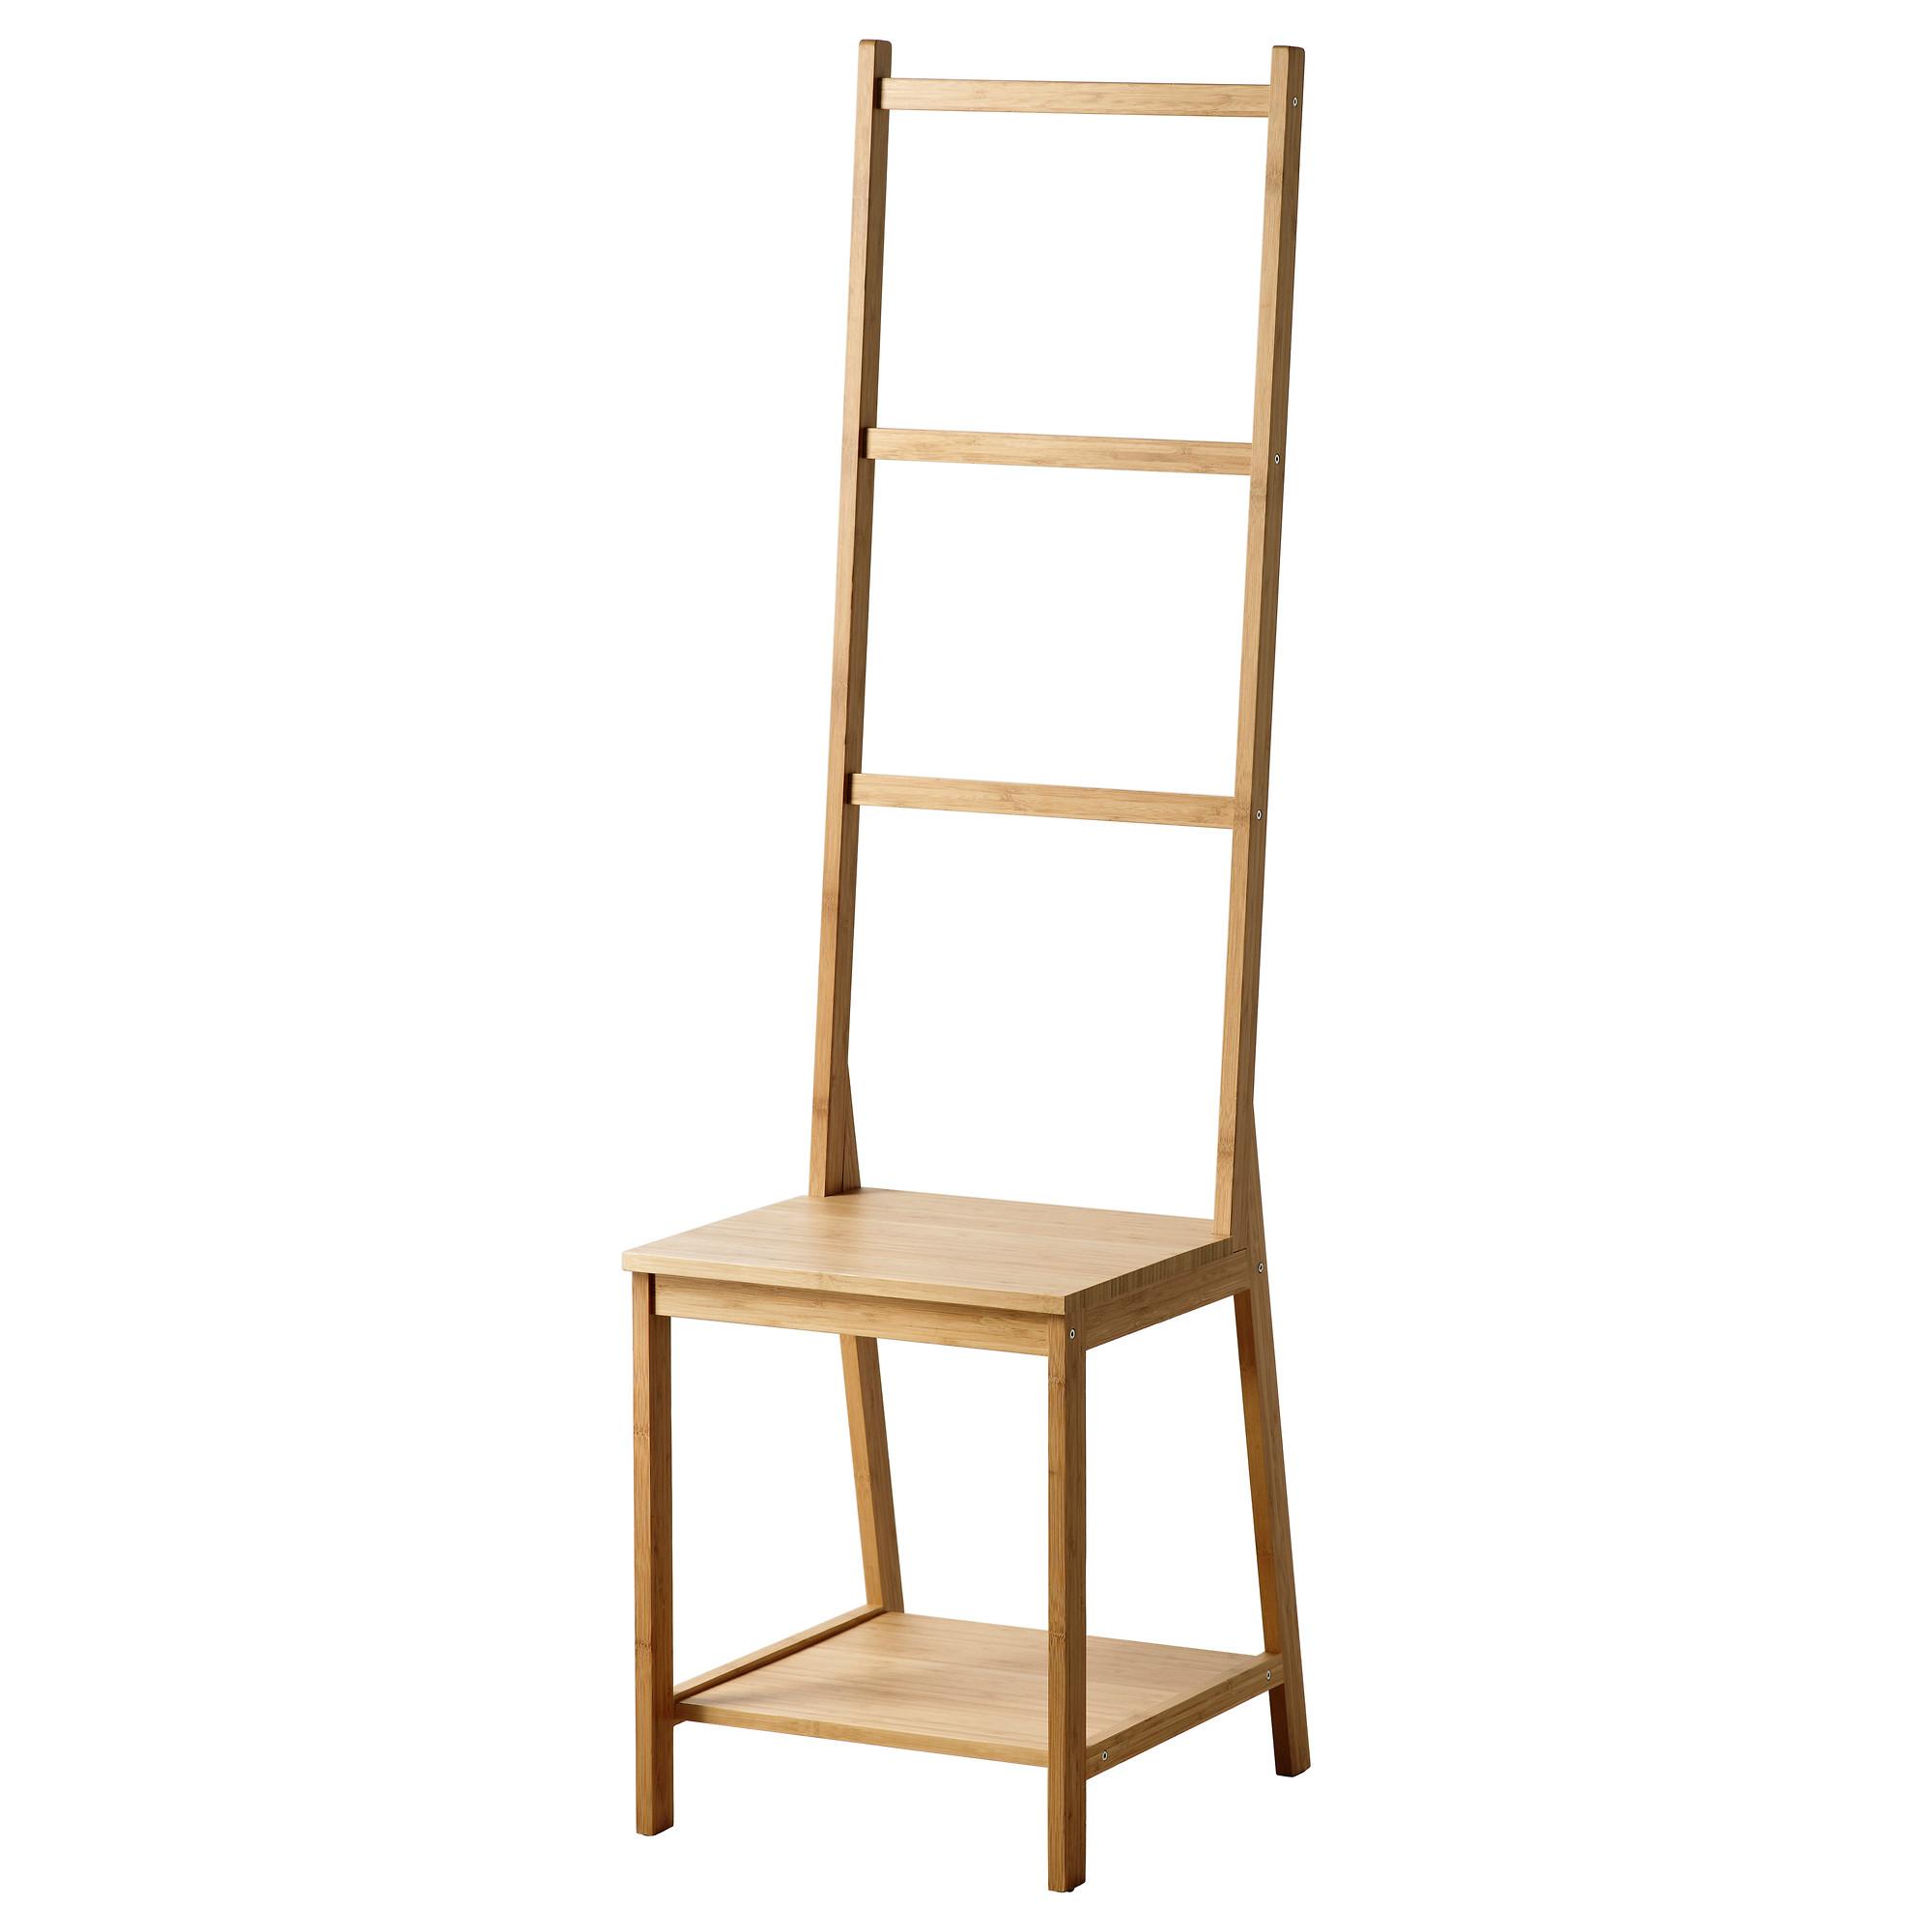 efd6bb8bced2e IKEA Latvia - Shop for Furniture